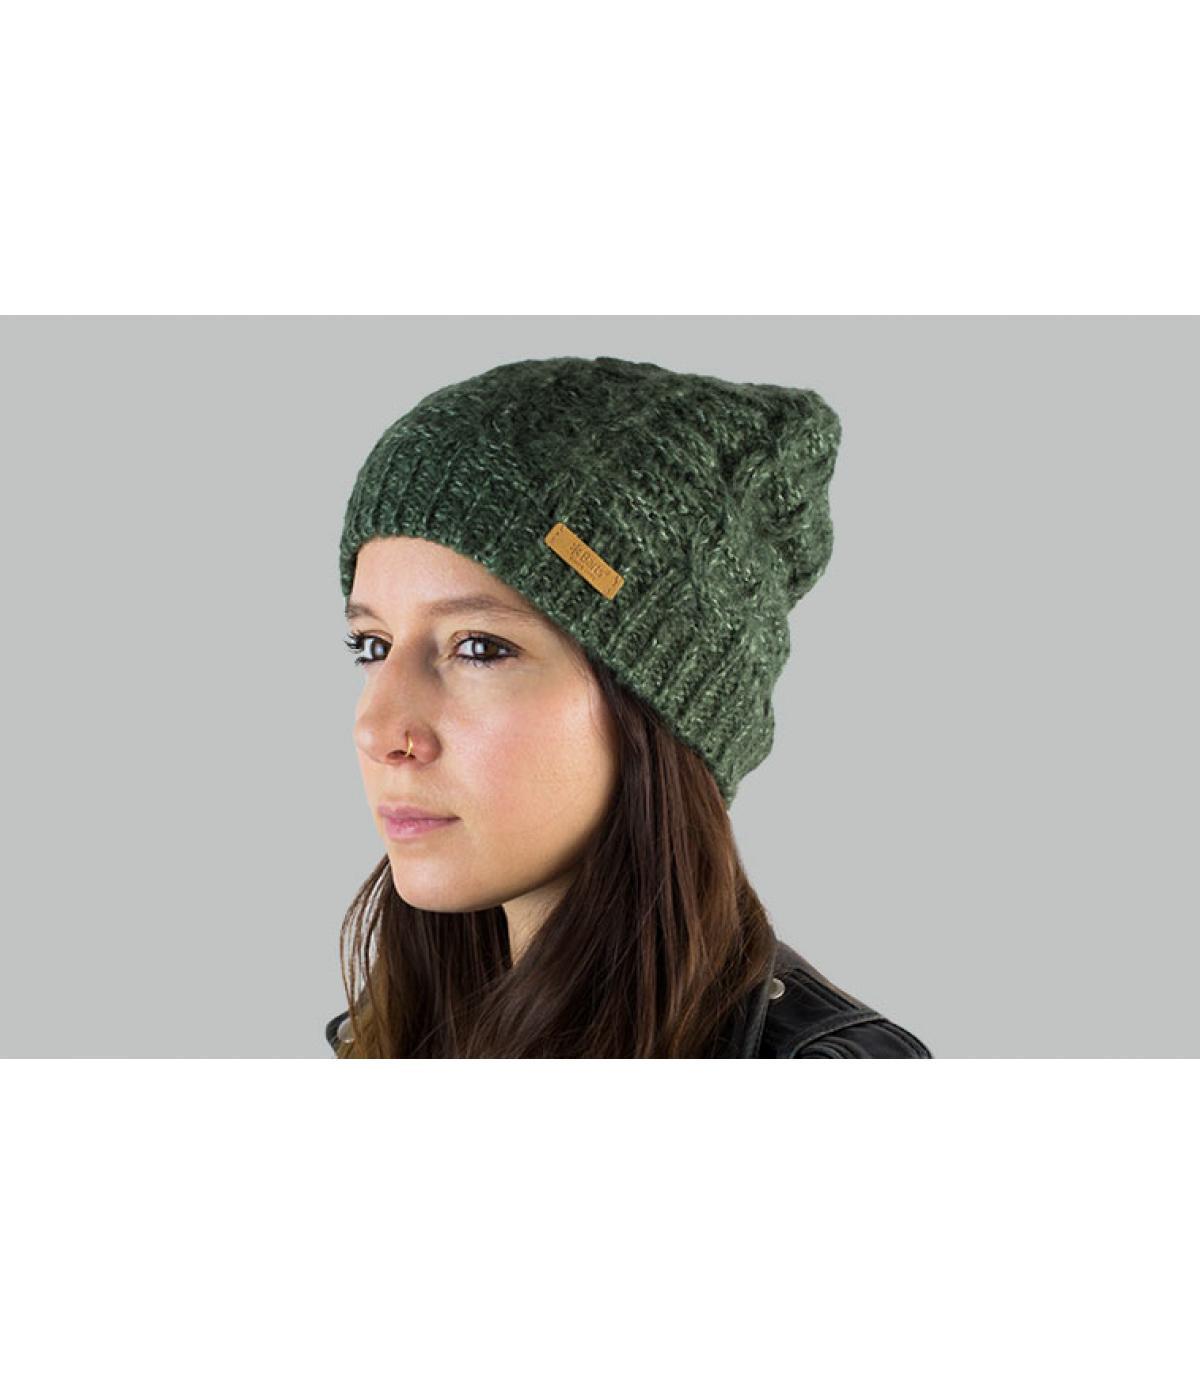 cappello verde lungo attorcigliato